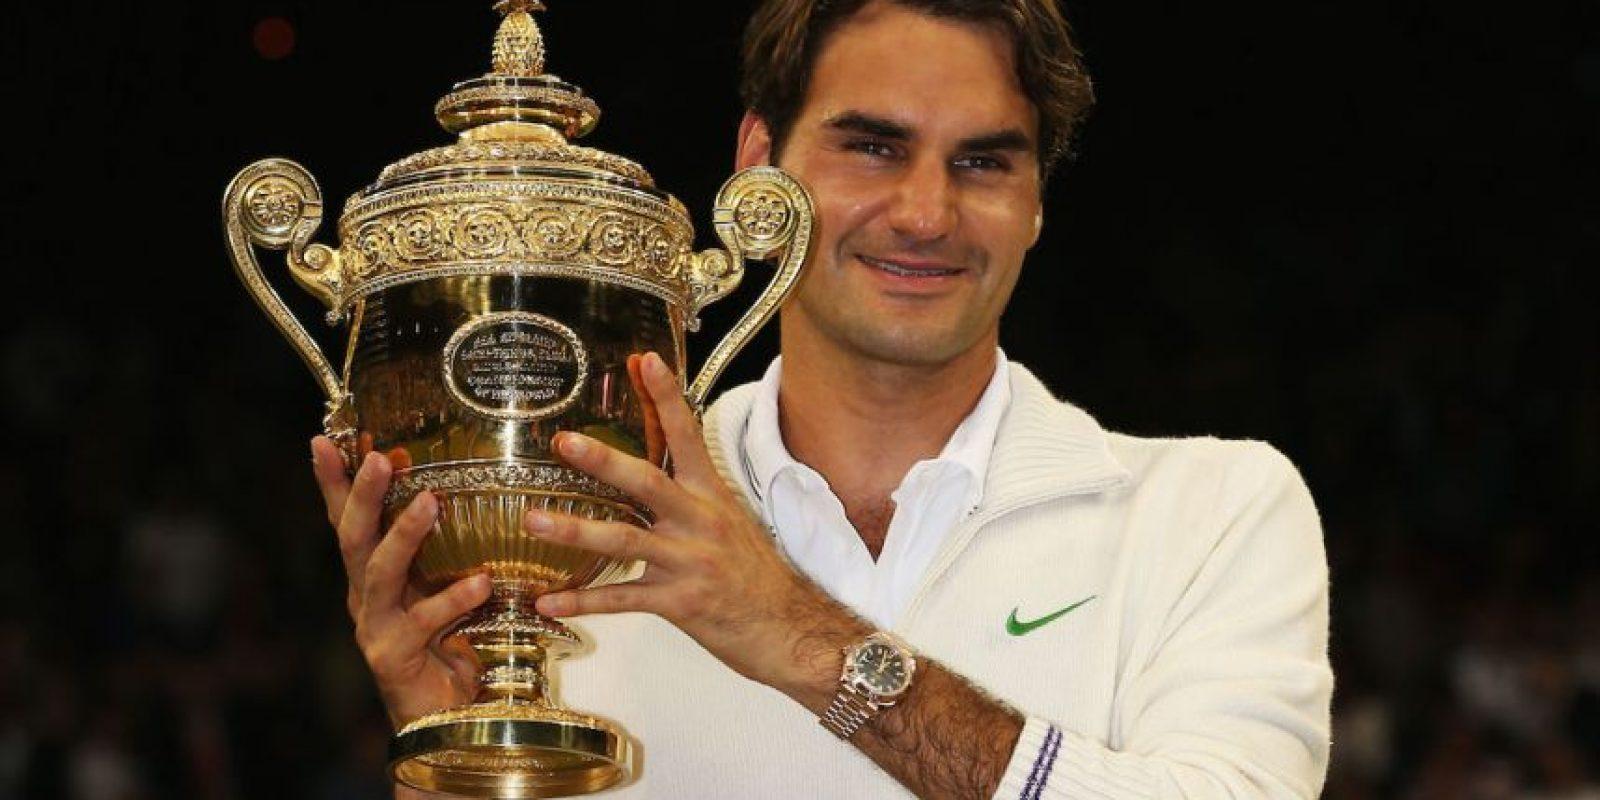 19. Roger Federer @rogerfederer (Tenis/Suiza): 16 mil 762 dólares por tuit. Foto:Getty Images